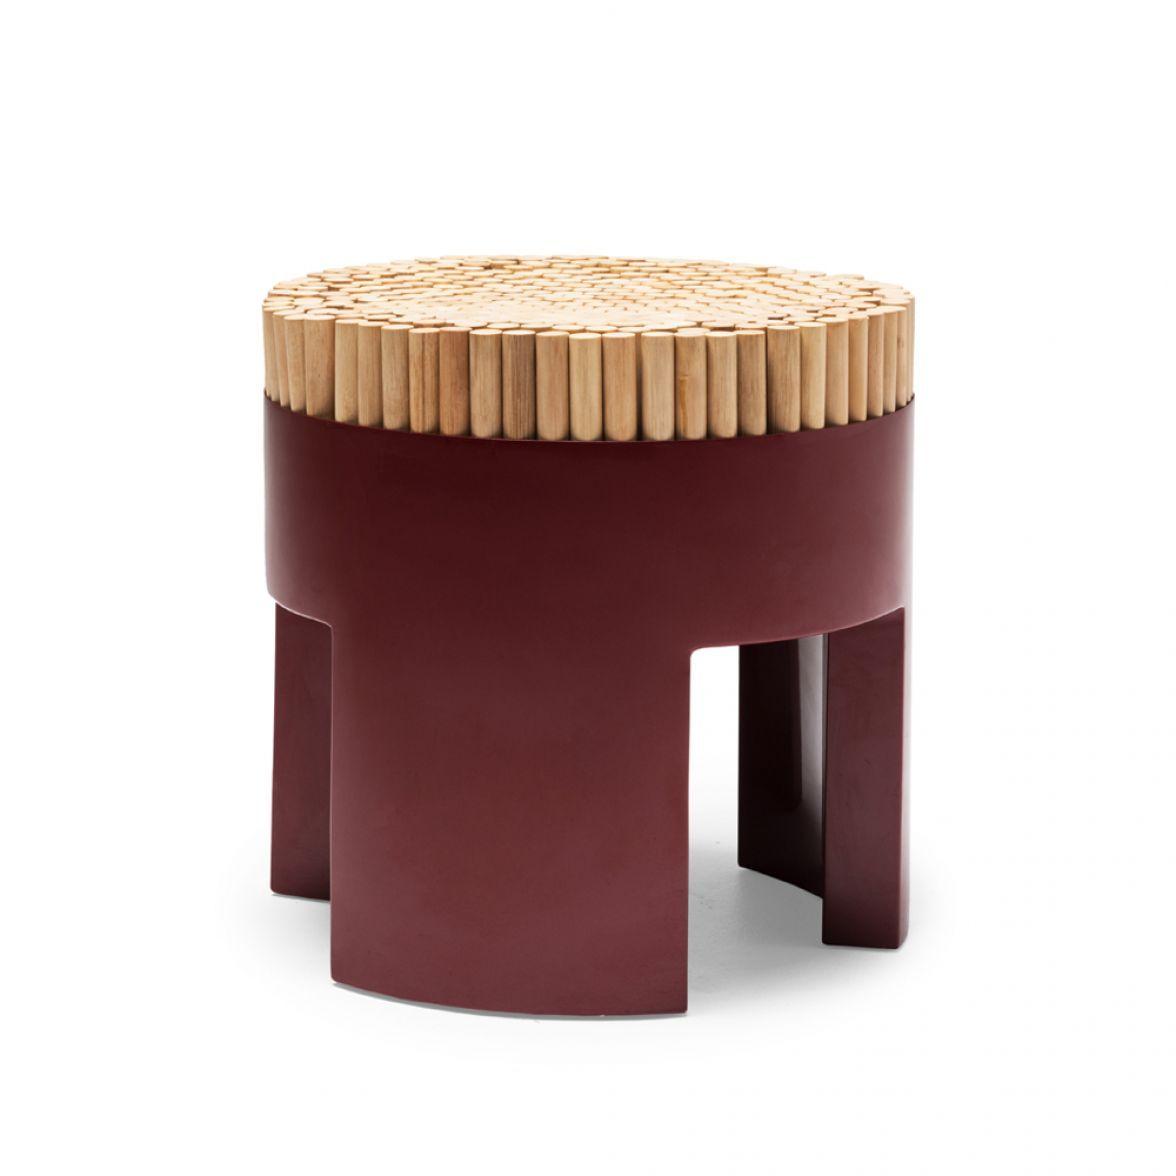 Chiquita stool